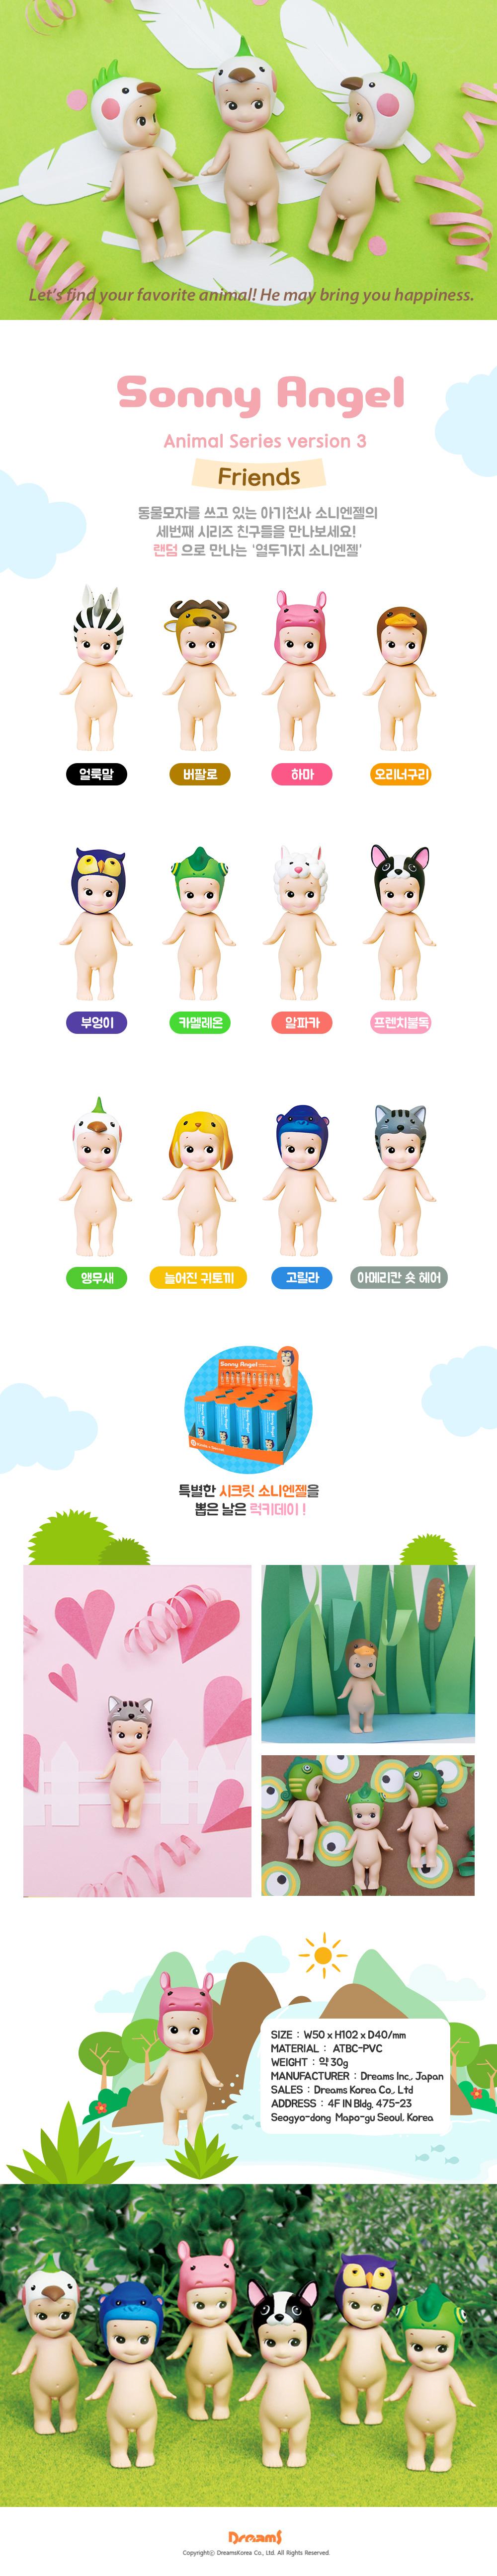 [드림즈코리아 정품 소니엔젤] 미니피규어_Animal 3 ver (박스) - 소니엔젤, 82,800원, 캐릭터 피규어, 소니엔젤